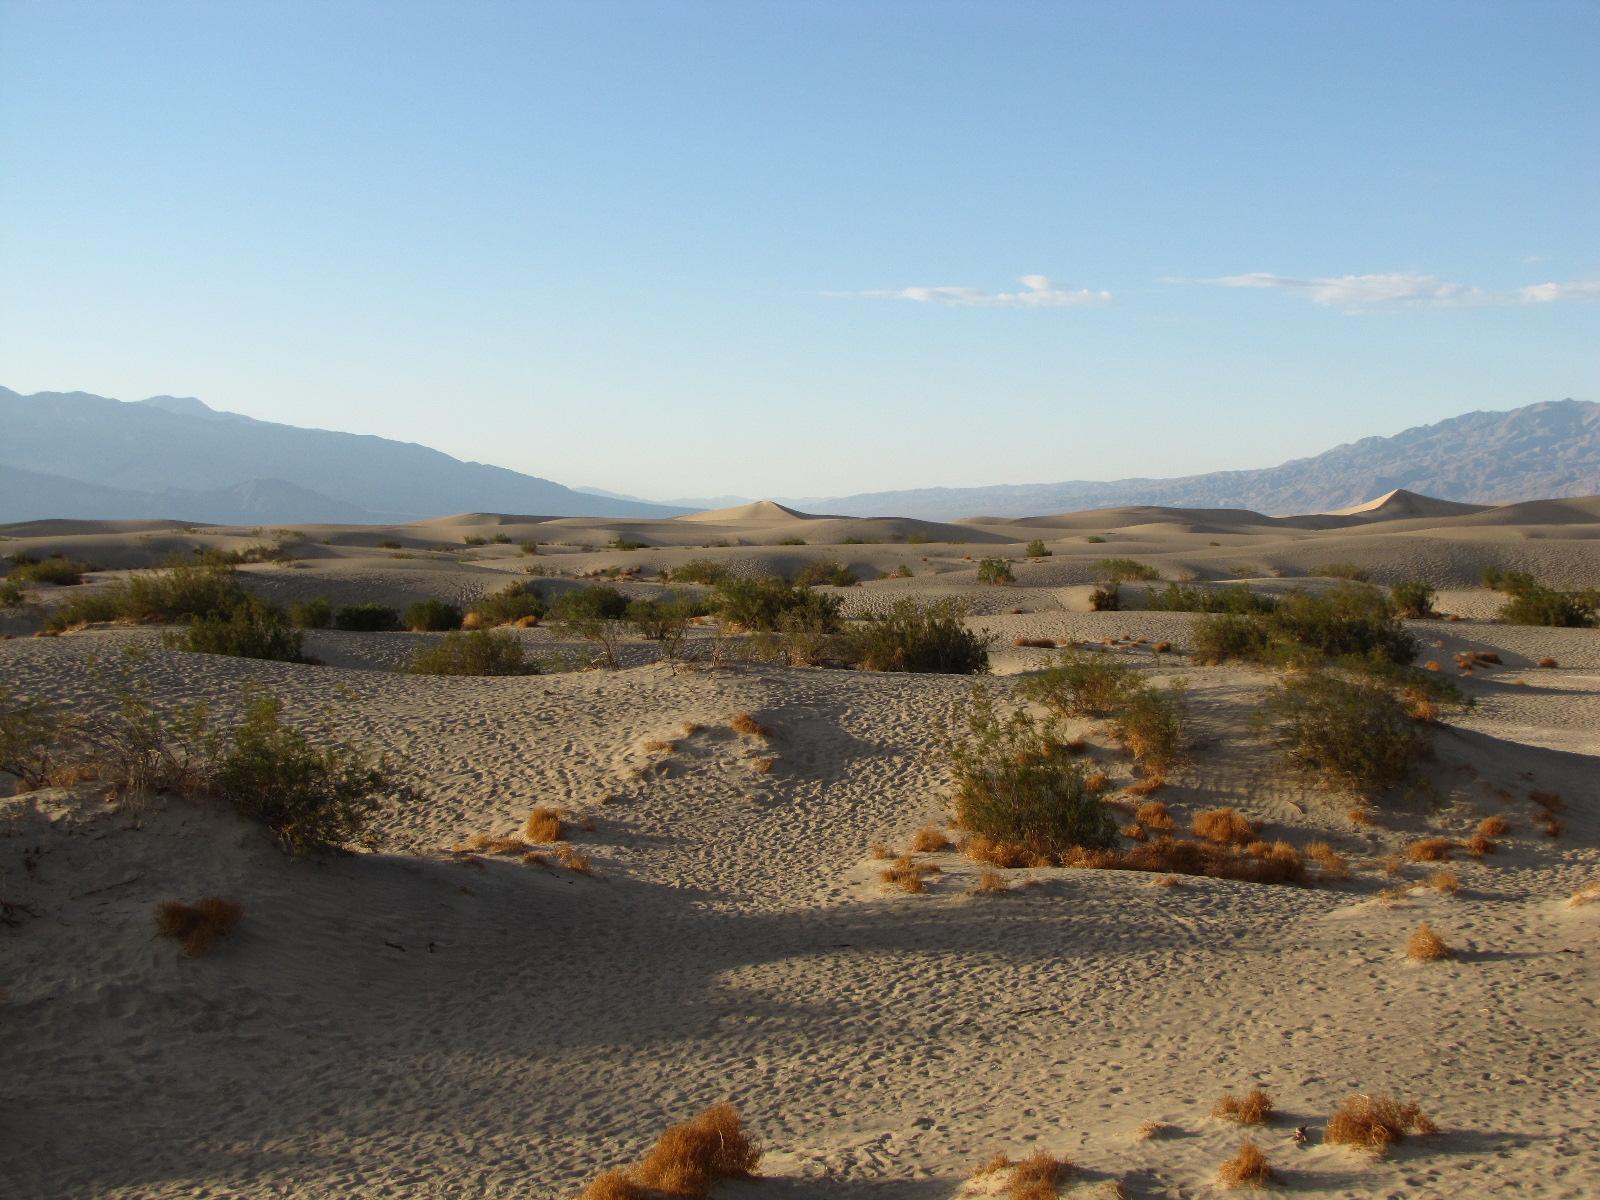 Dunes de sables vallée de la mort